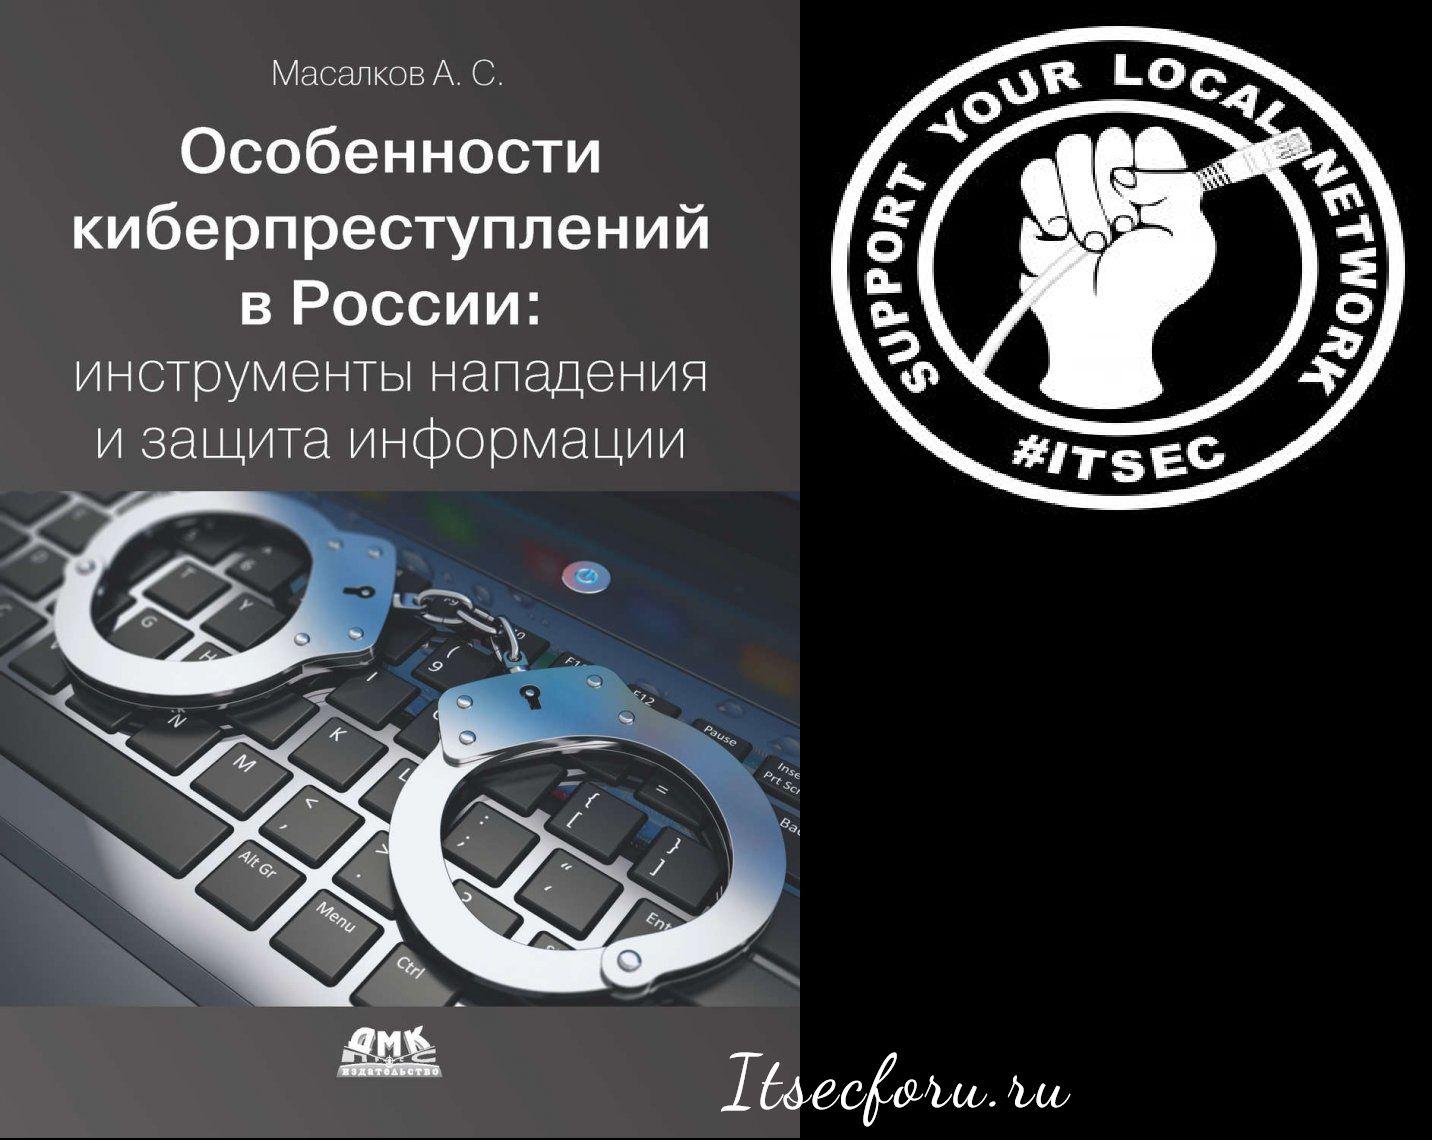 «Особенности киберпреступлений» инструменты нападения и защита информации Масалков А.С.